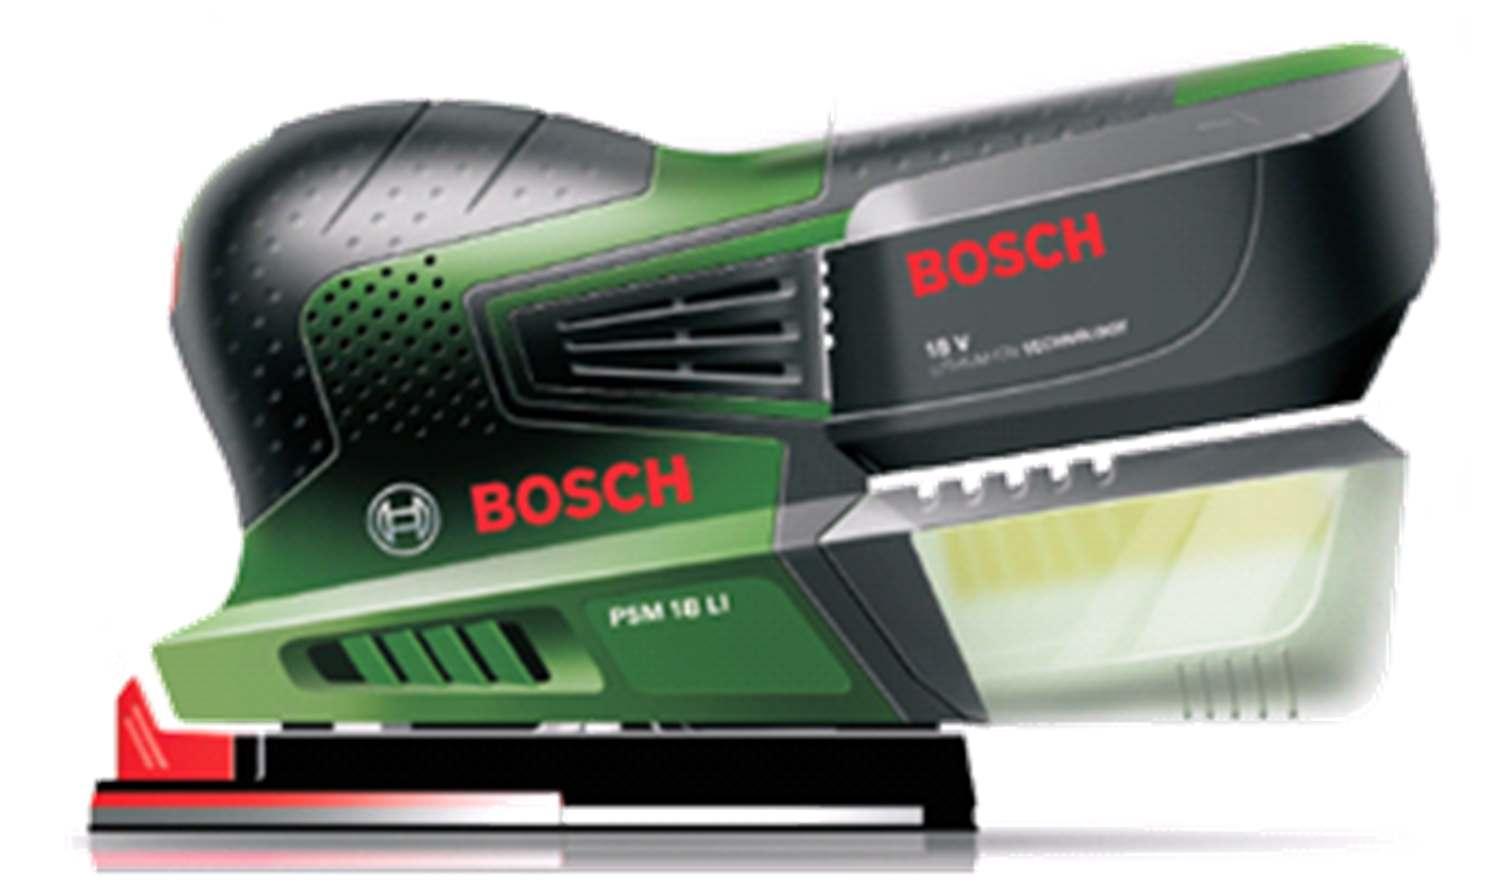 bosch batteridrevet multisliber psm 18 li u batteri og lader. Black Bedroom Furniture Sets. Home Design Ideas